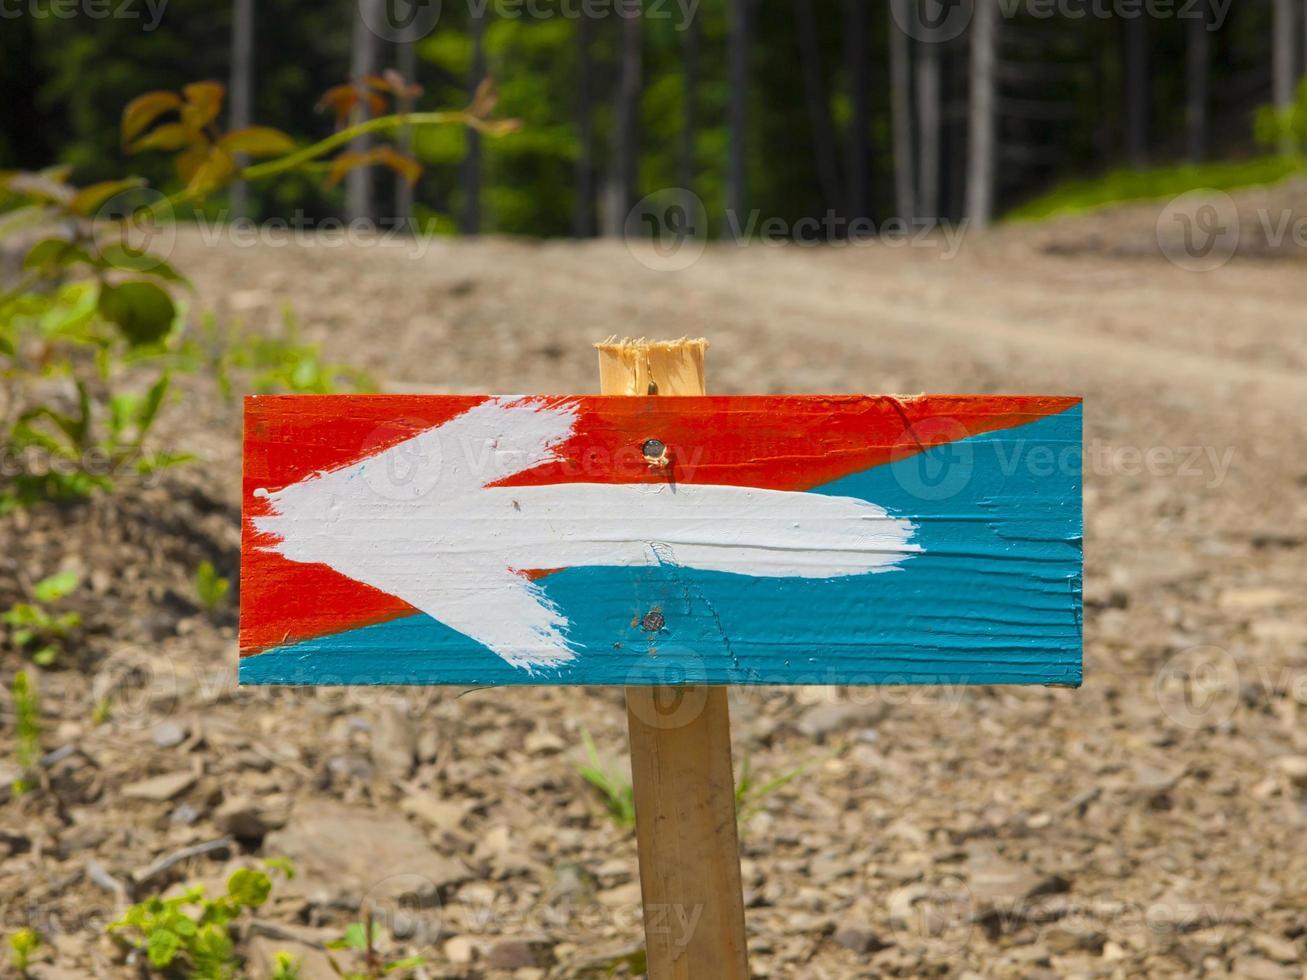 het bord dat de weg aangeeft. foto